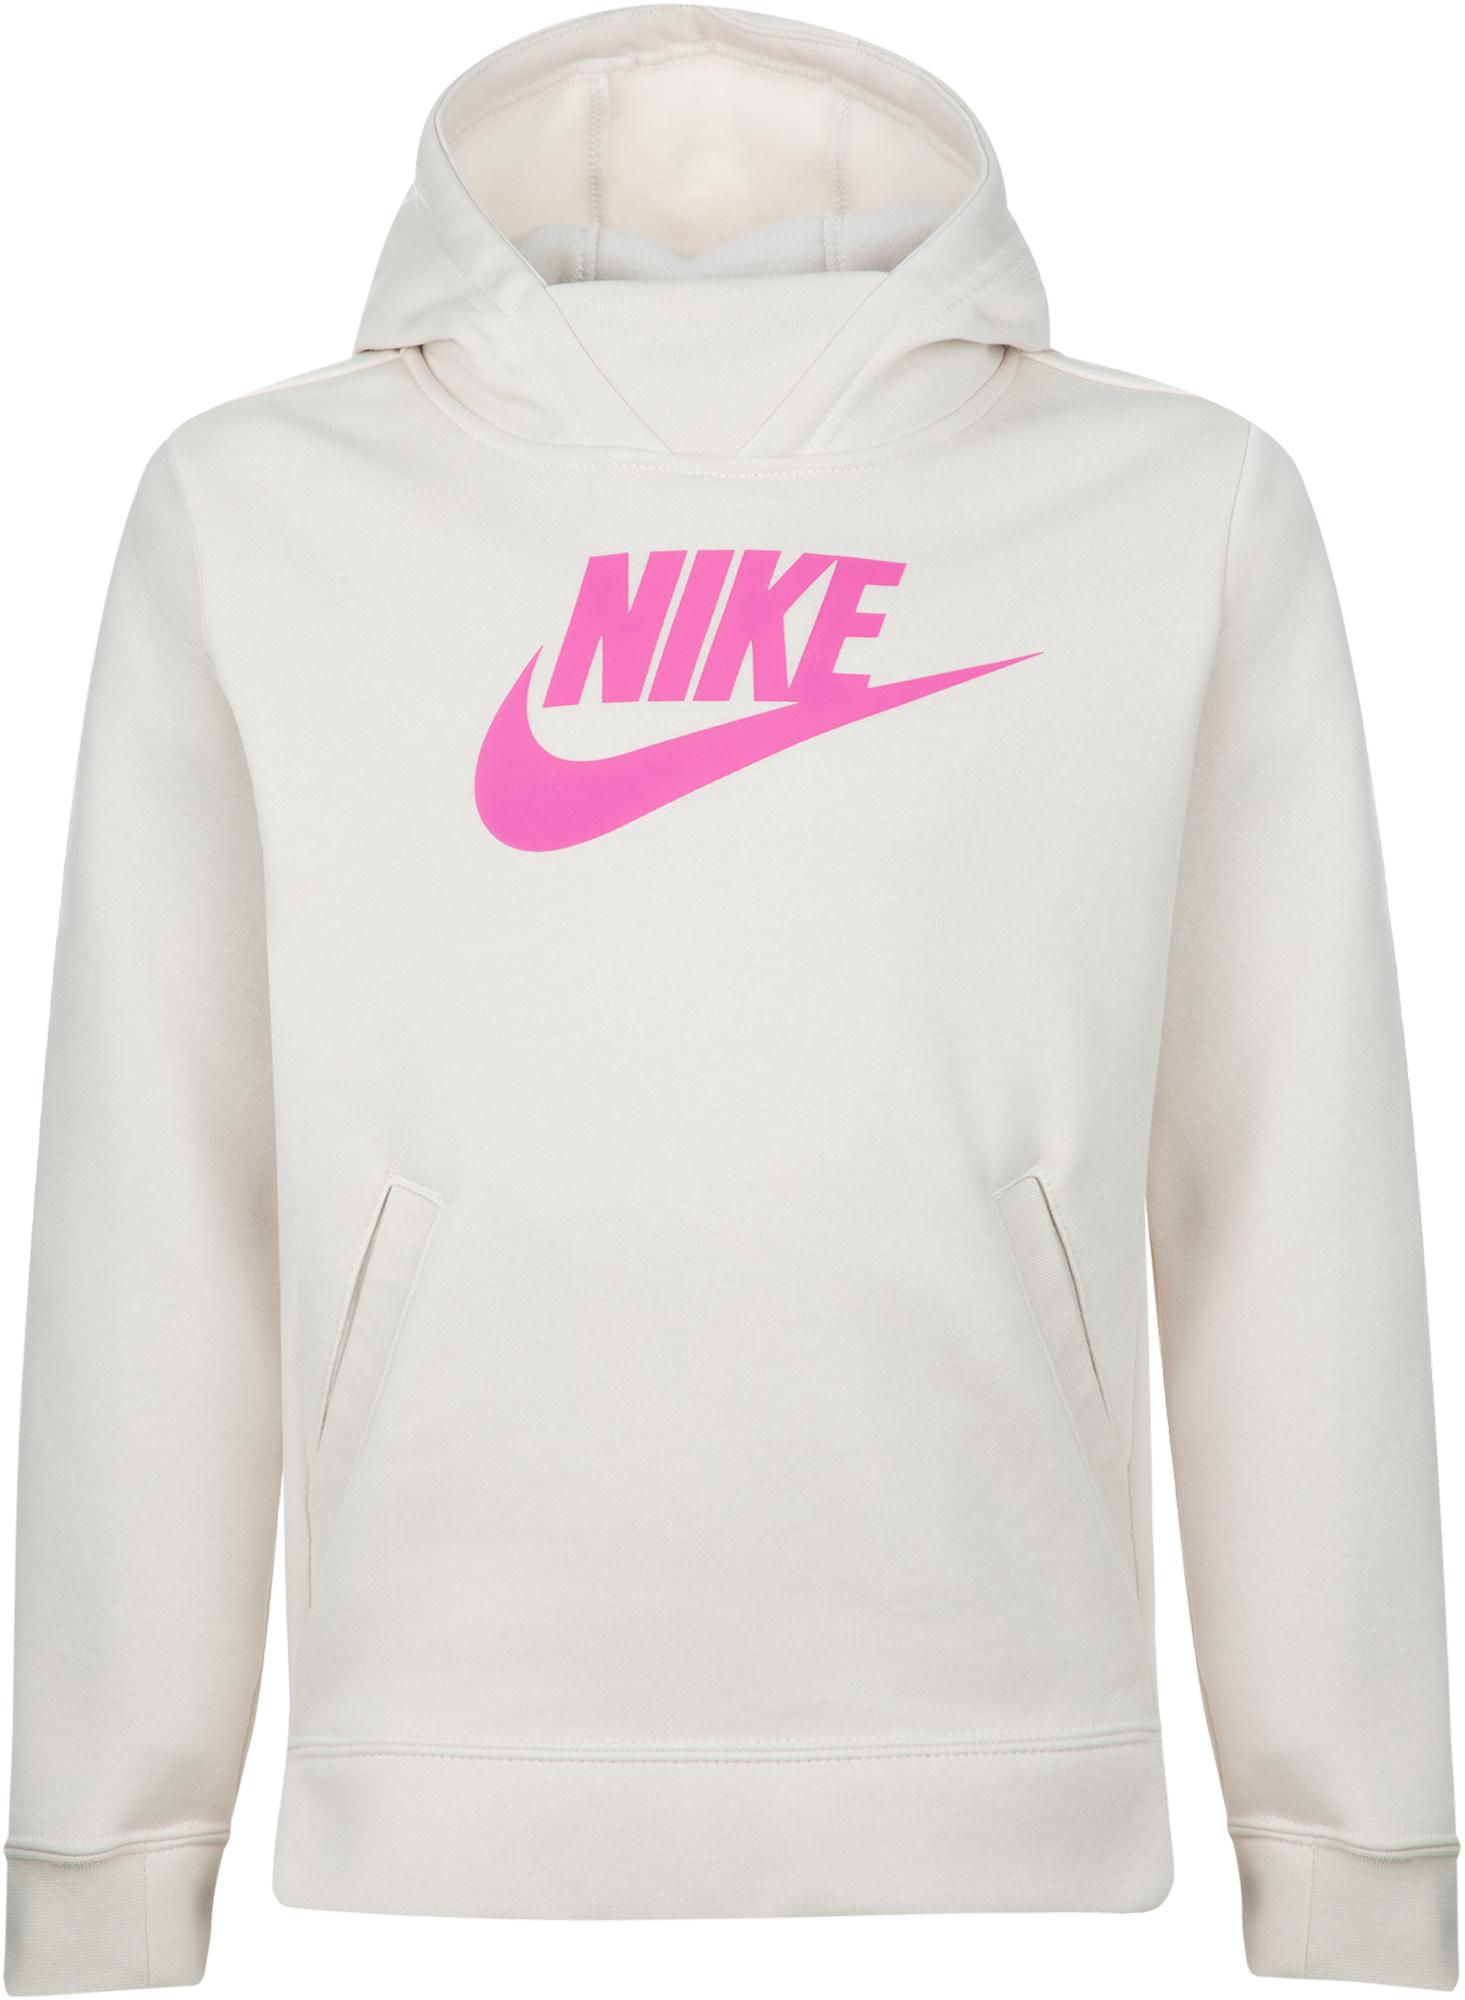 цена Nike Худи для девочек Nike Sportswear, размер 128-137 онлайн в 2017 году